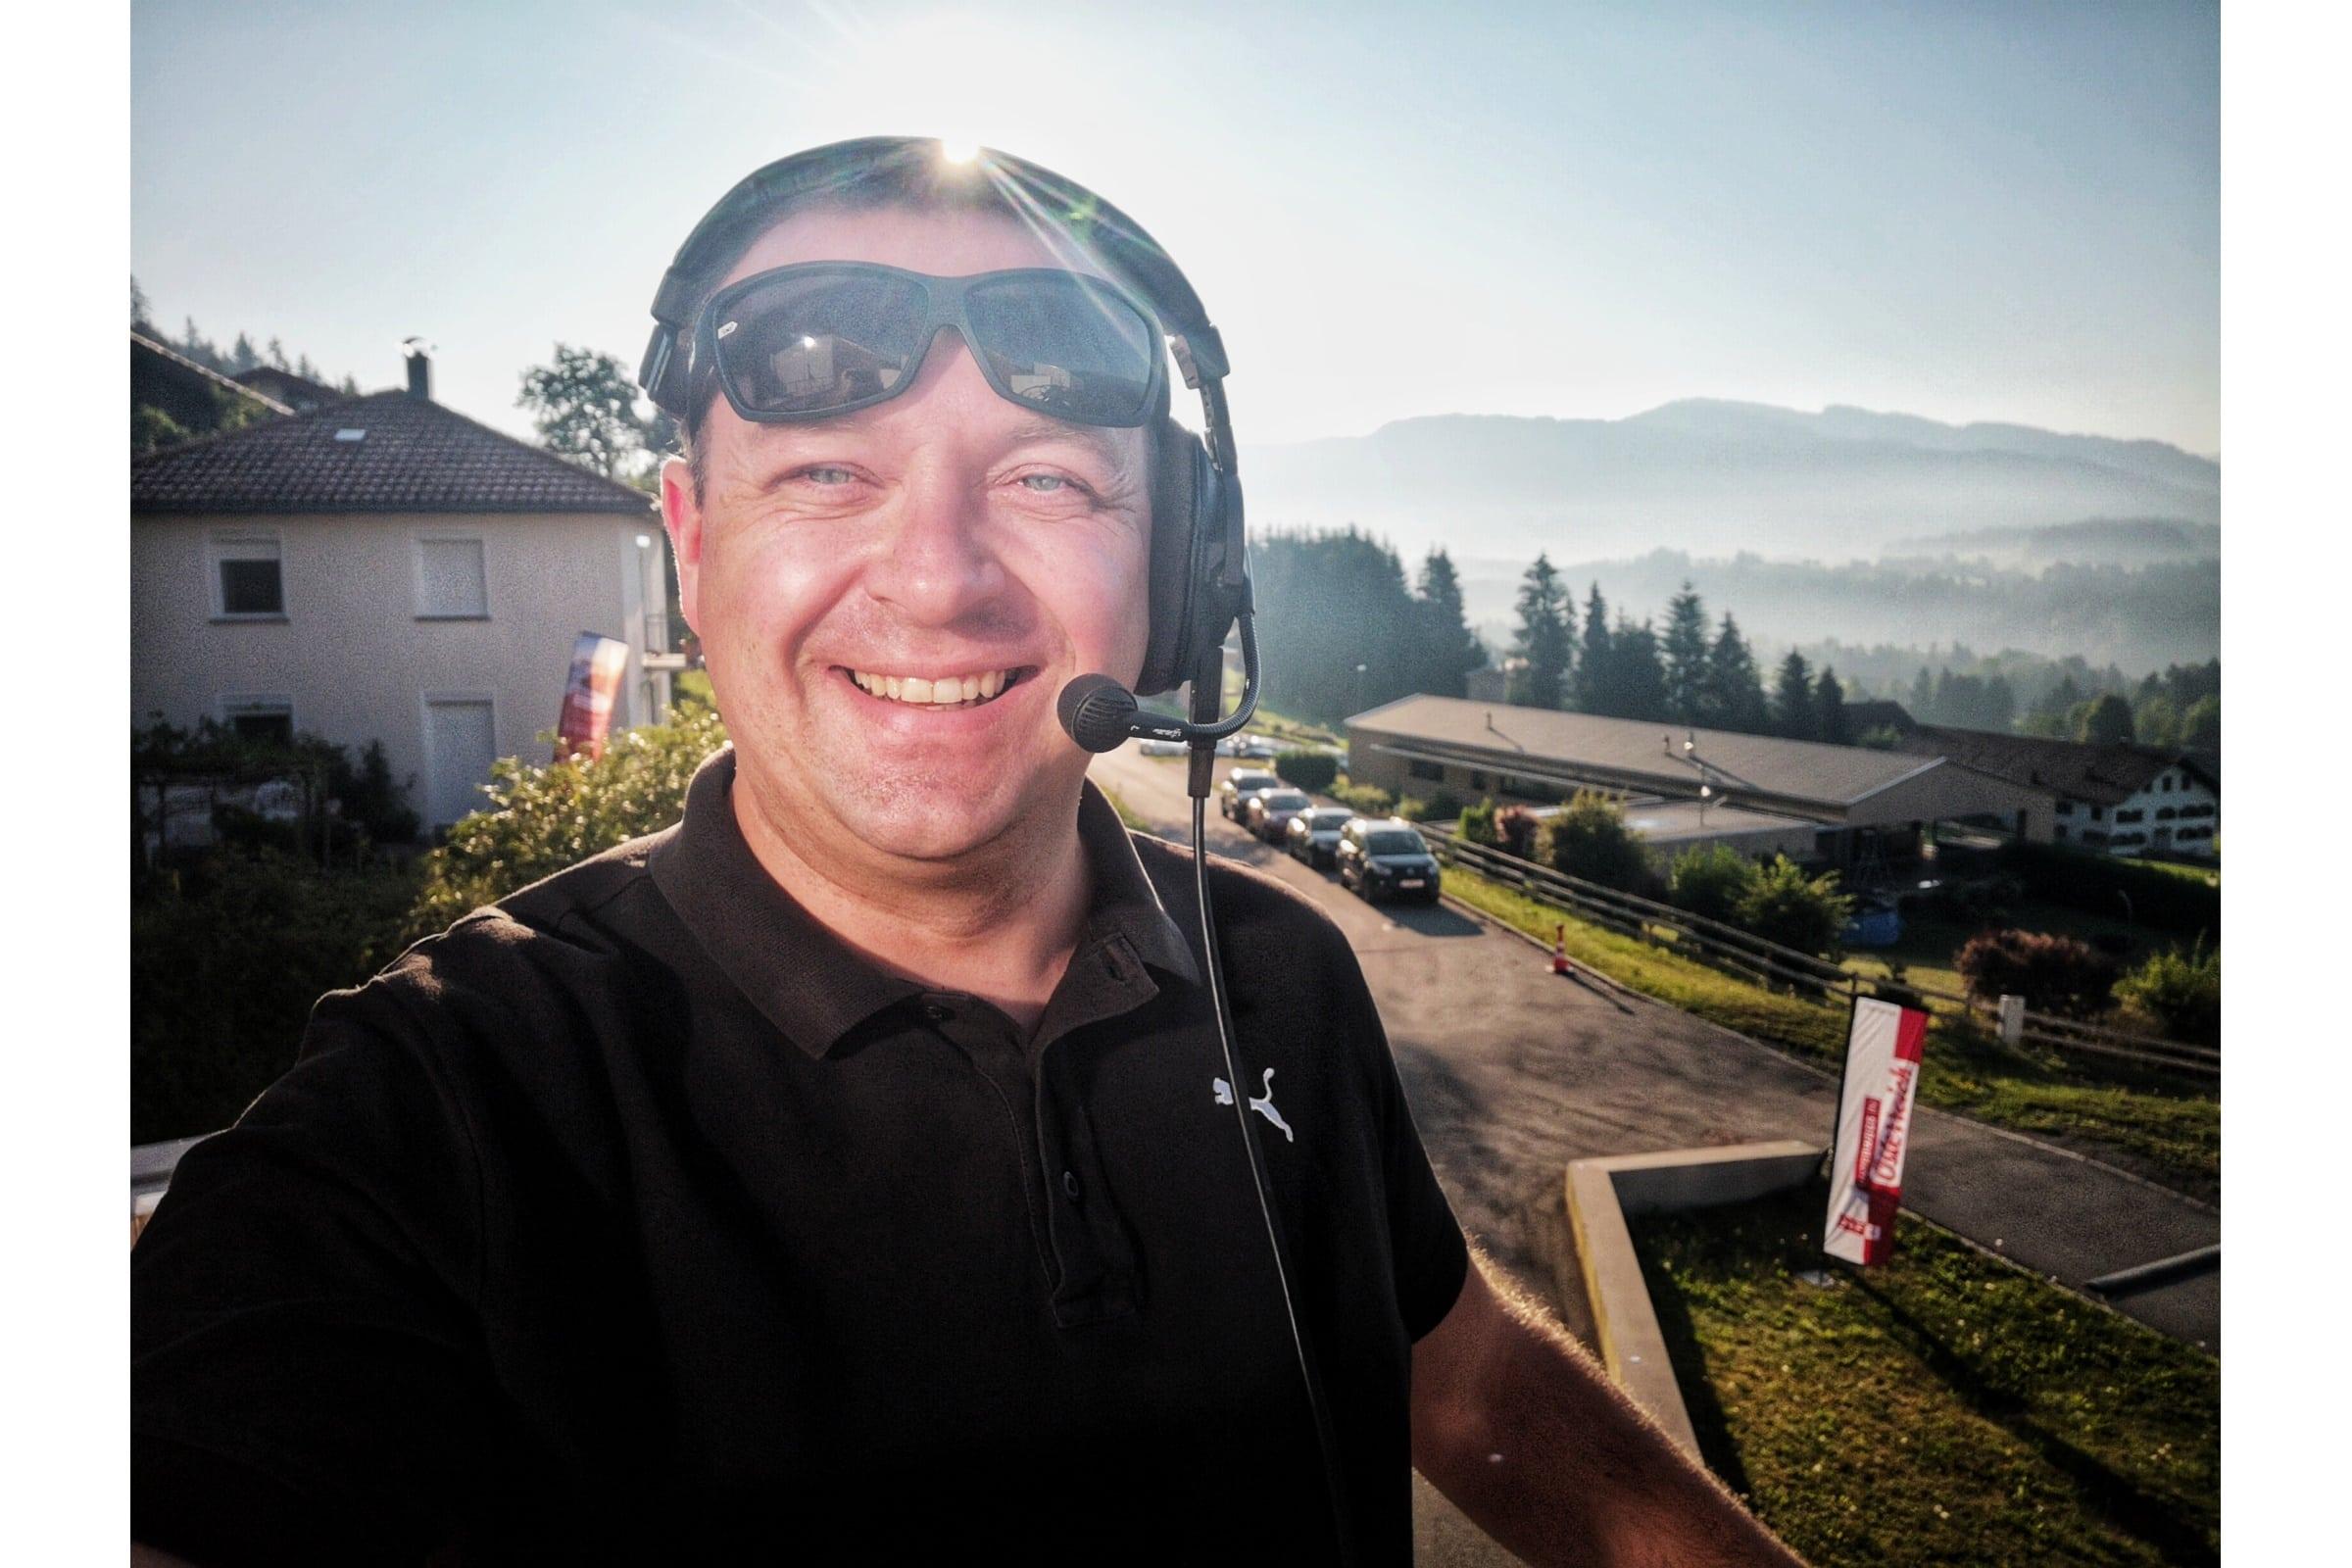 andreas felder kameramann unterwegs in österreich tirol 18 24.07.2018 07 21 08 - ORF Daheim in Österreich